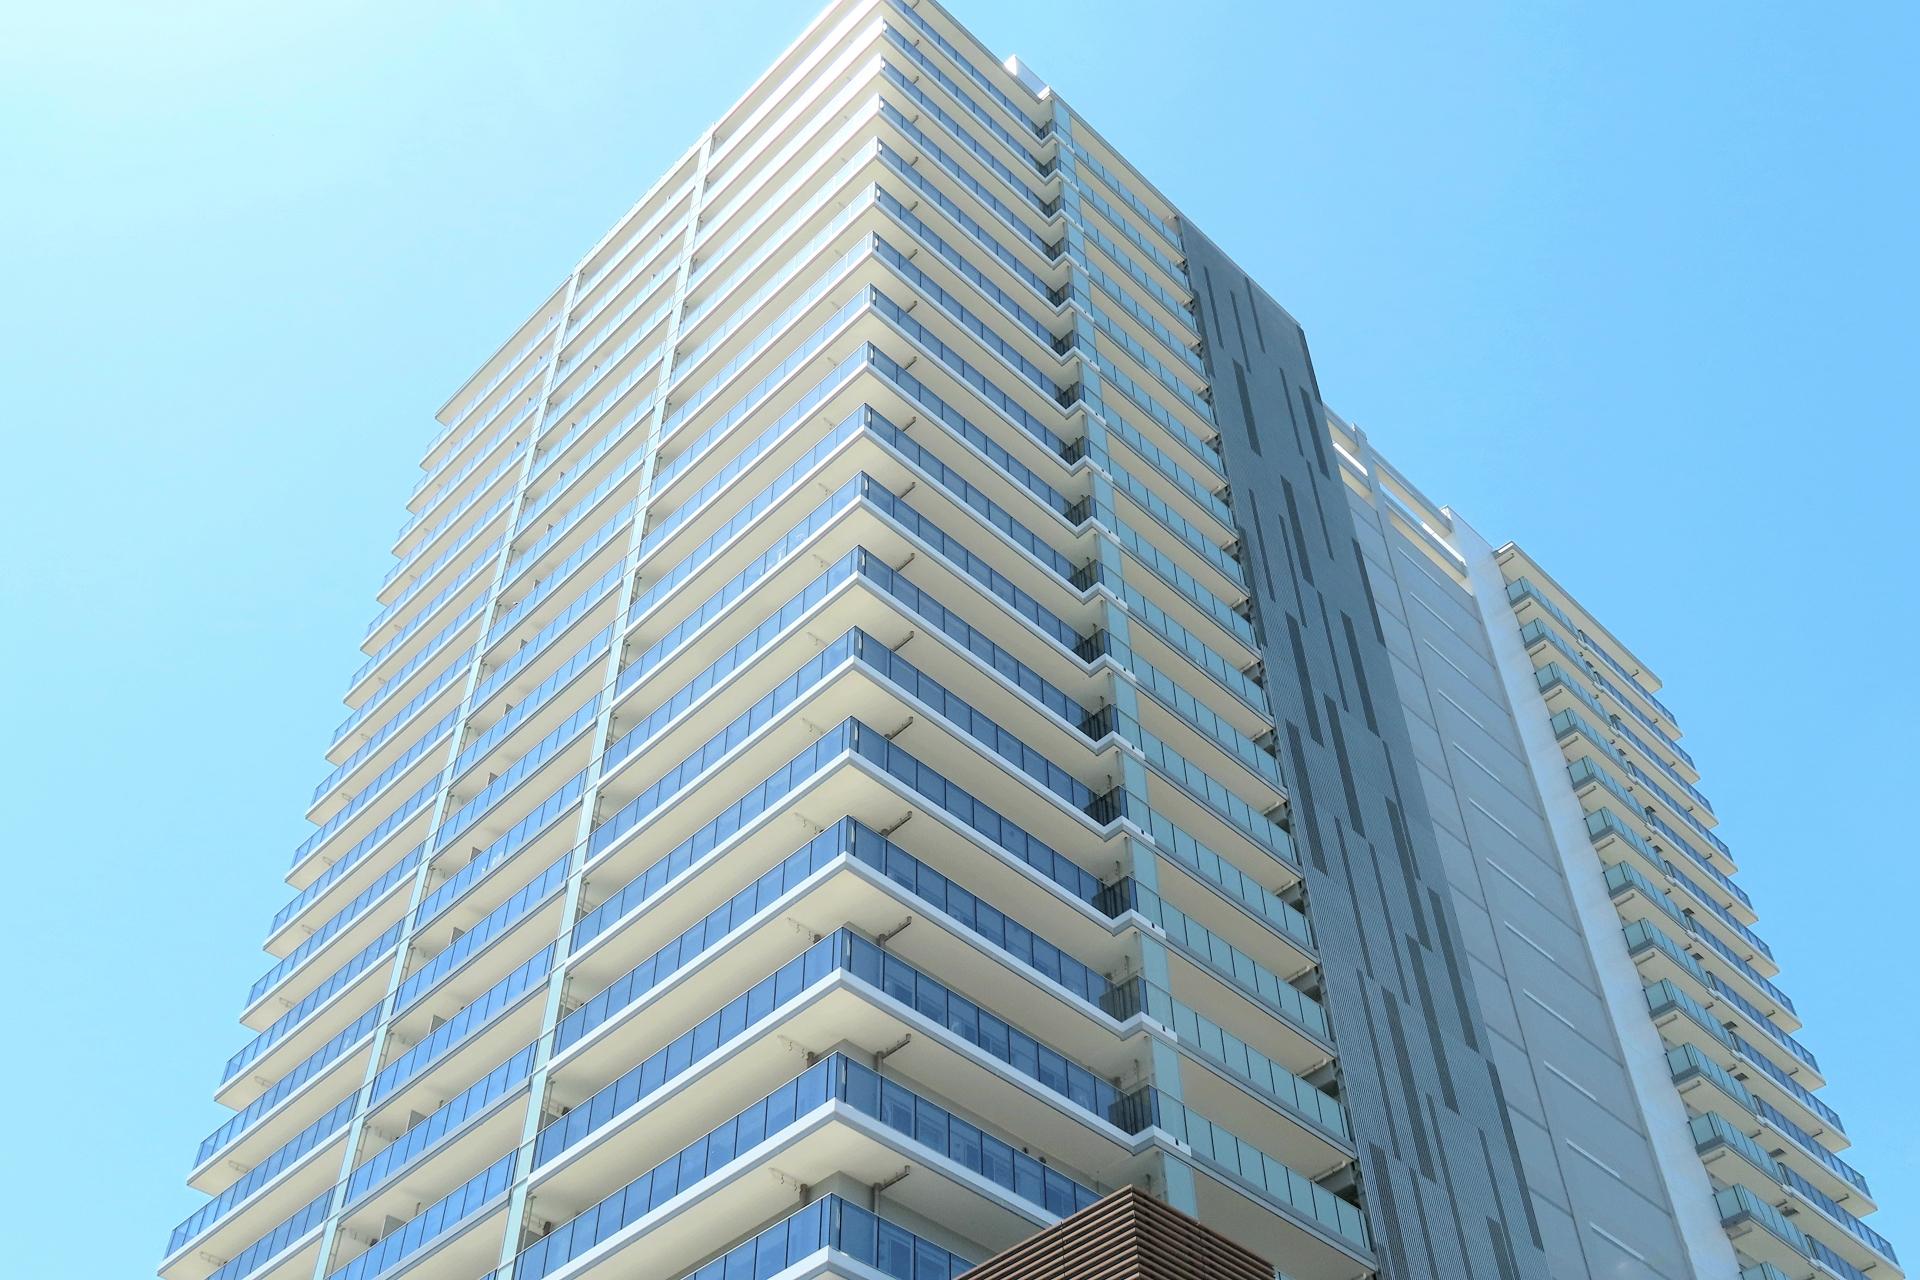 騰落率から見た東京のマンションの値上がりランキング | 不動産の学校